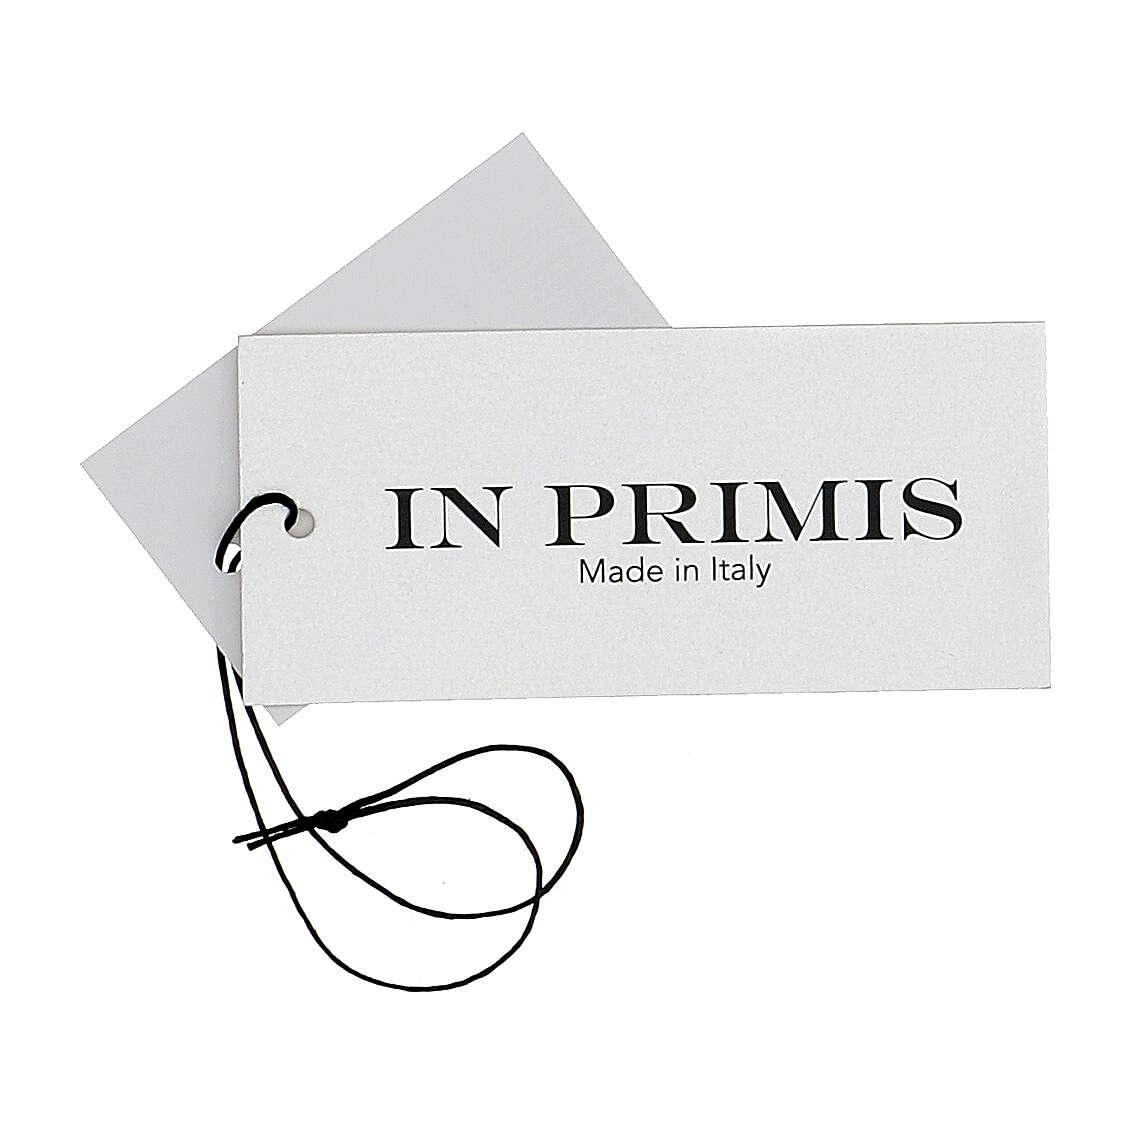 Kamizelka kapłańska rozpinana 50% wełna merynos 50% akryl dzianina gładka granatowa In Primis 4